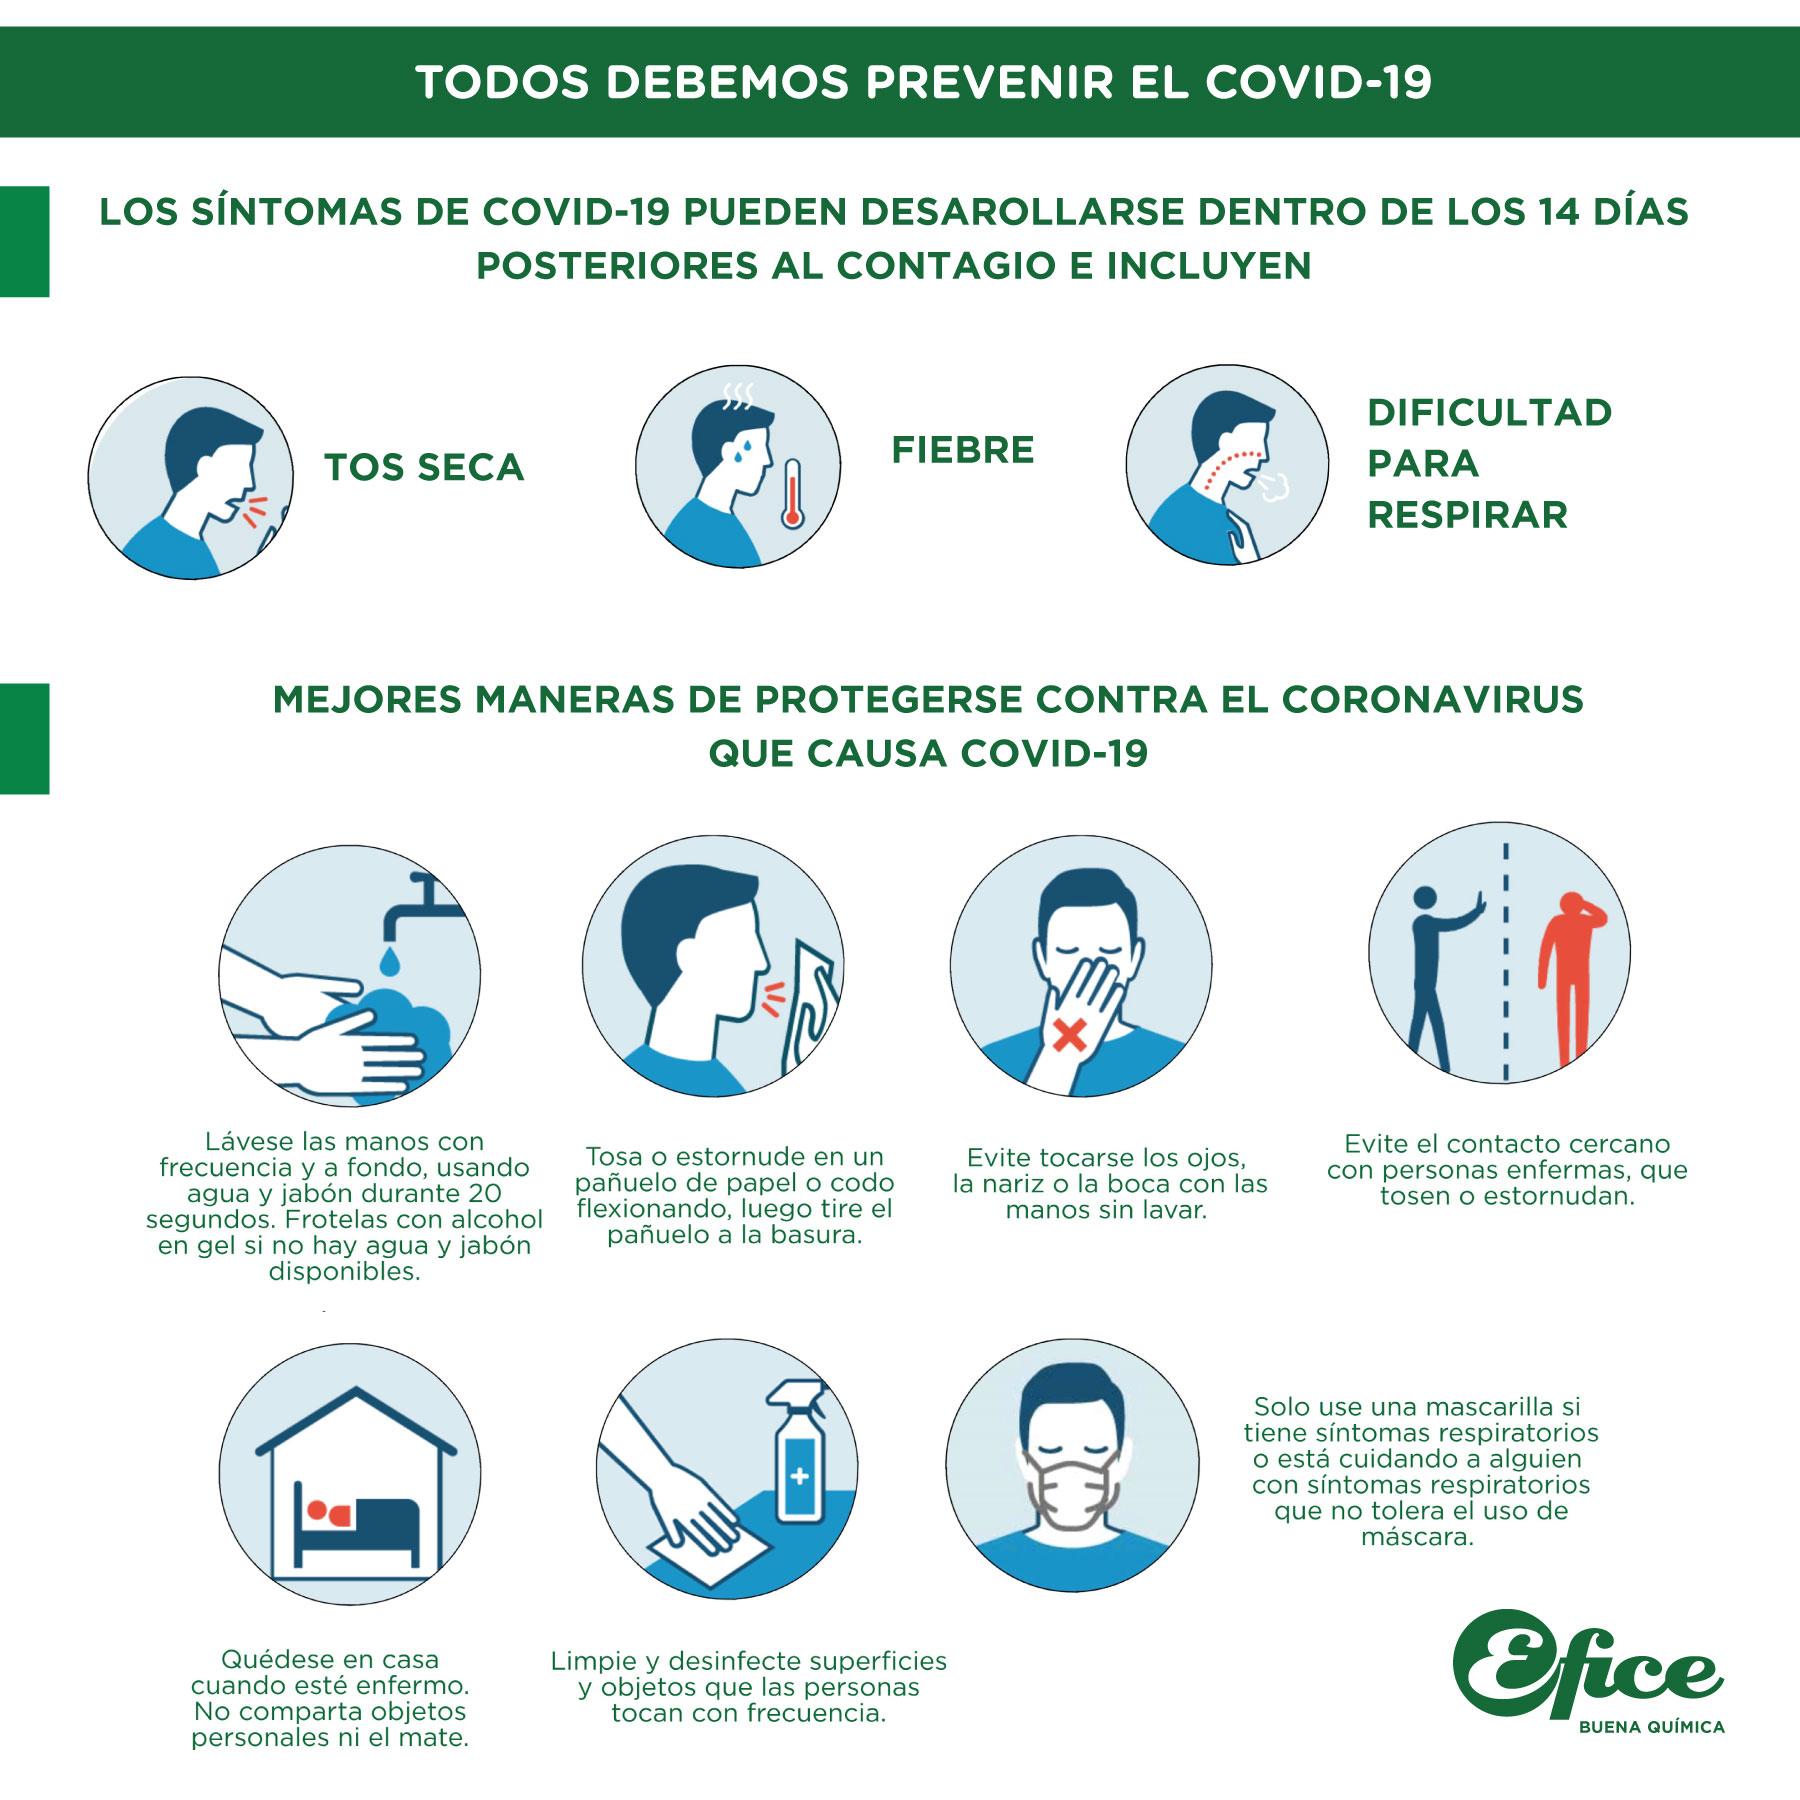 Entre todos debemos prevenir el COVID-19